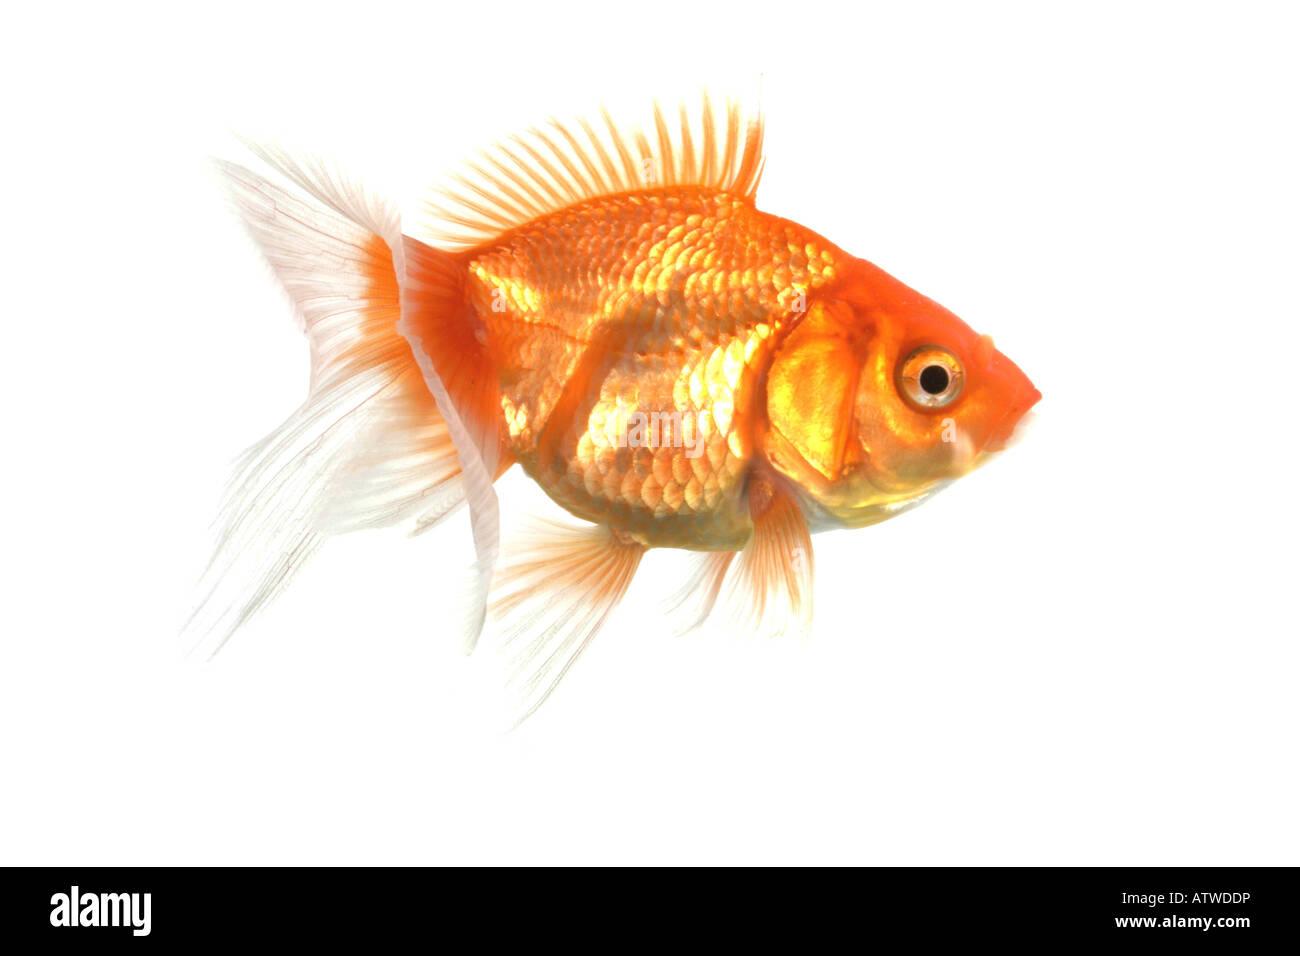 goldfish common carp Carassius auratus Stock Photo